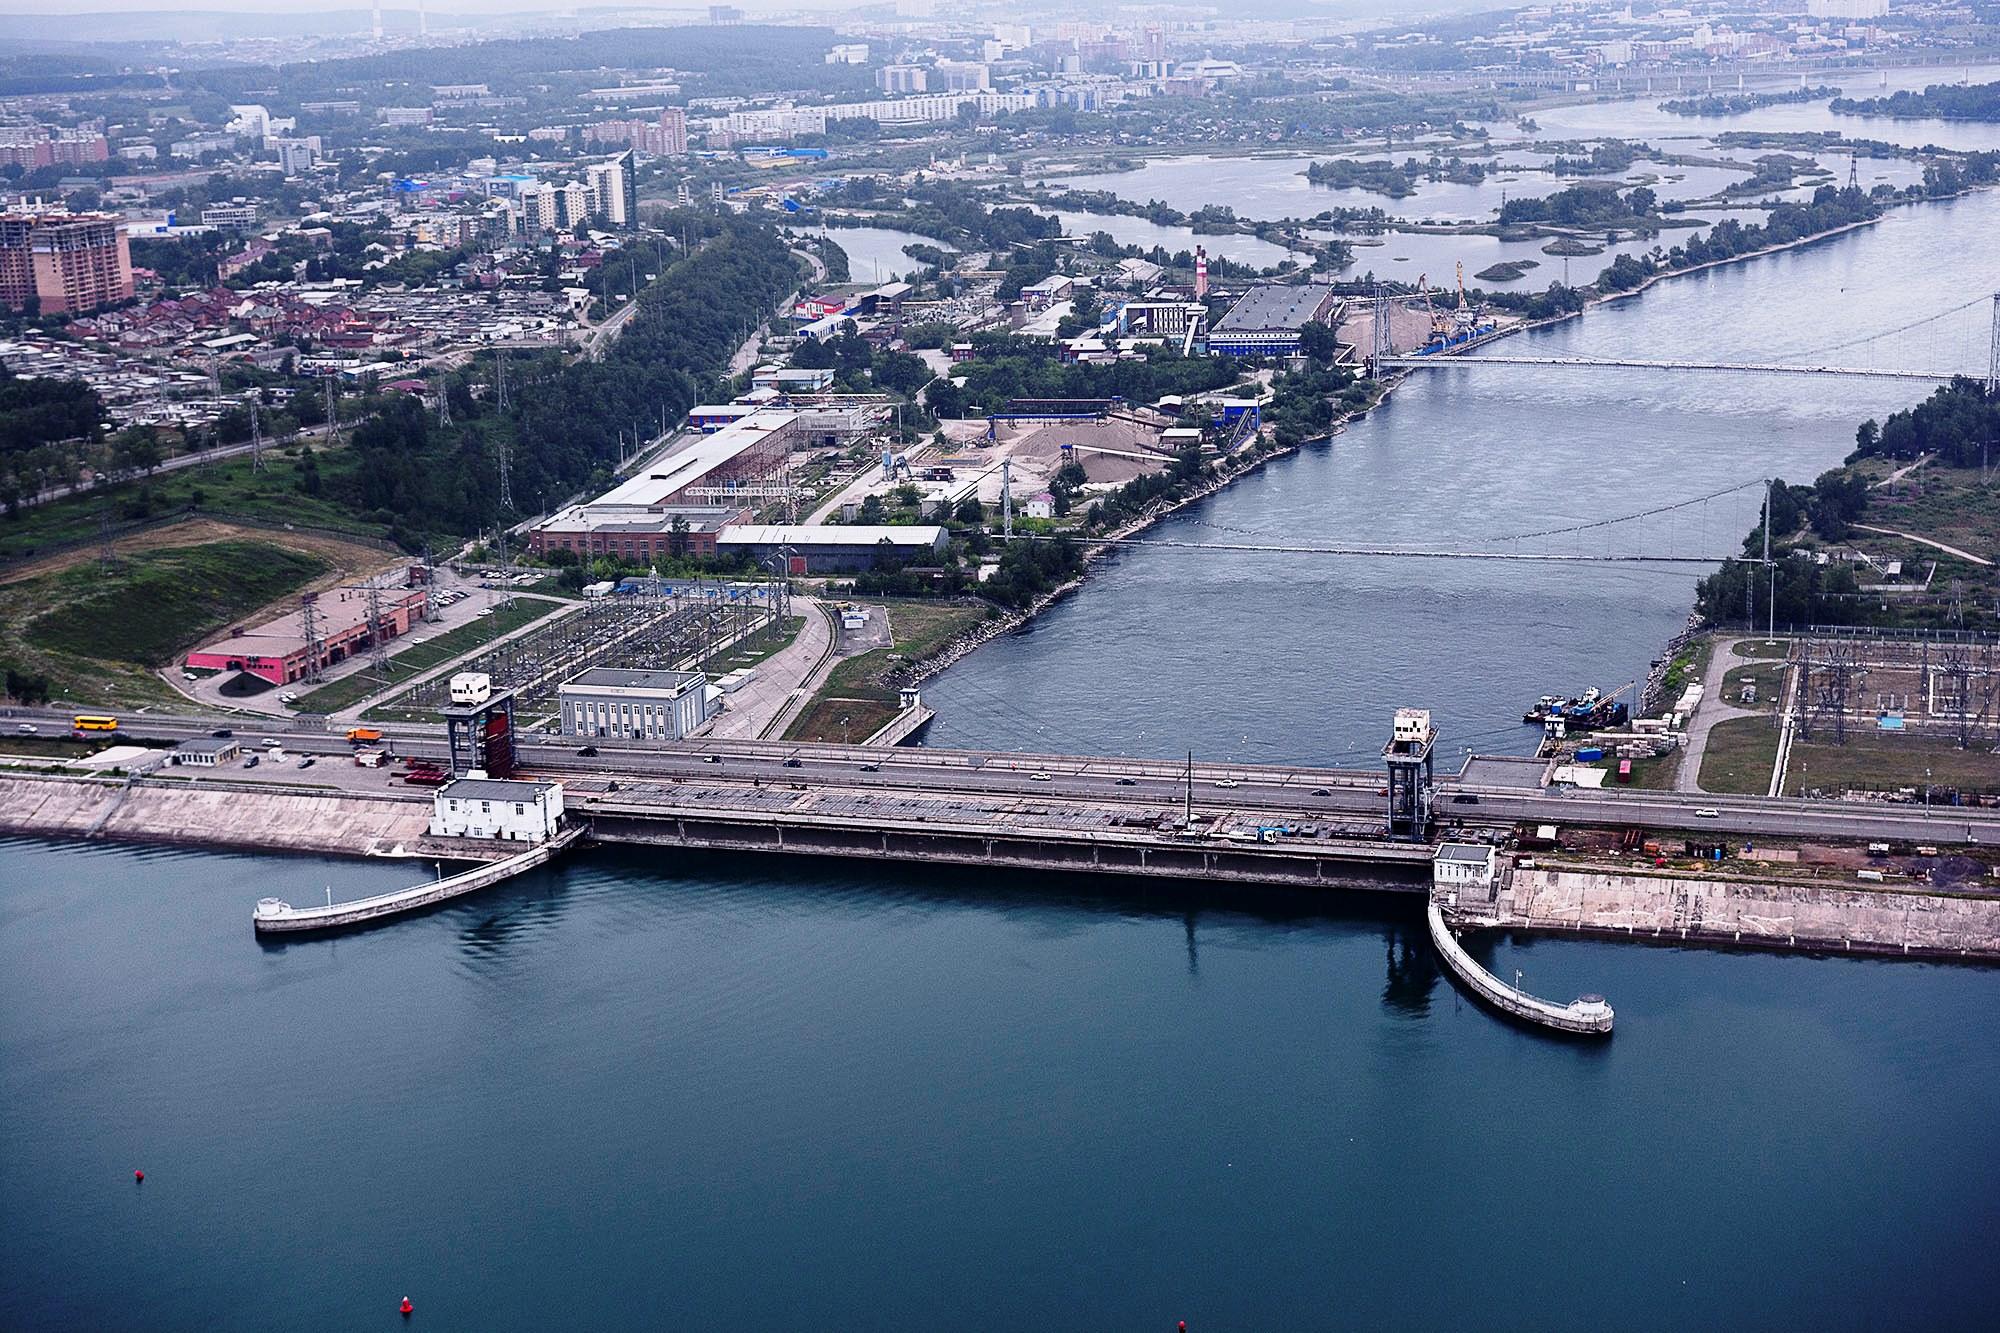 На Иркутской ГЭС увеличили сброс воды. Предупреждение МЧС! -